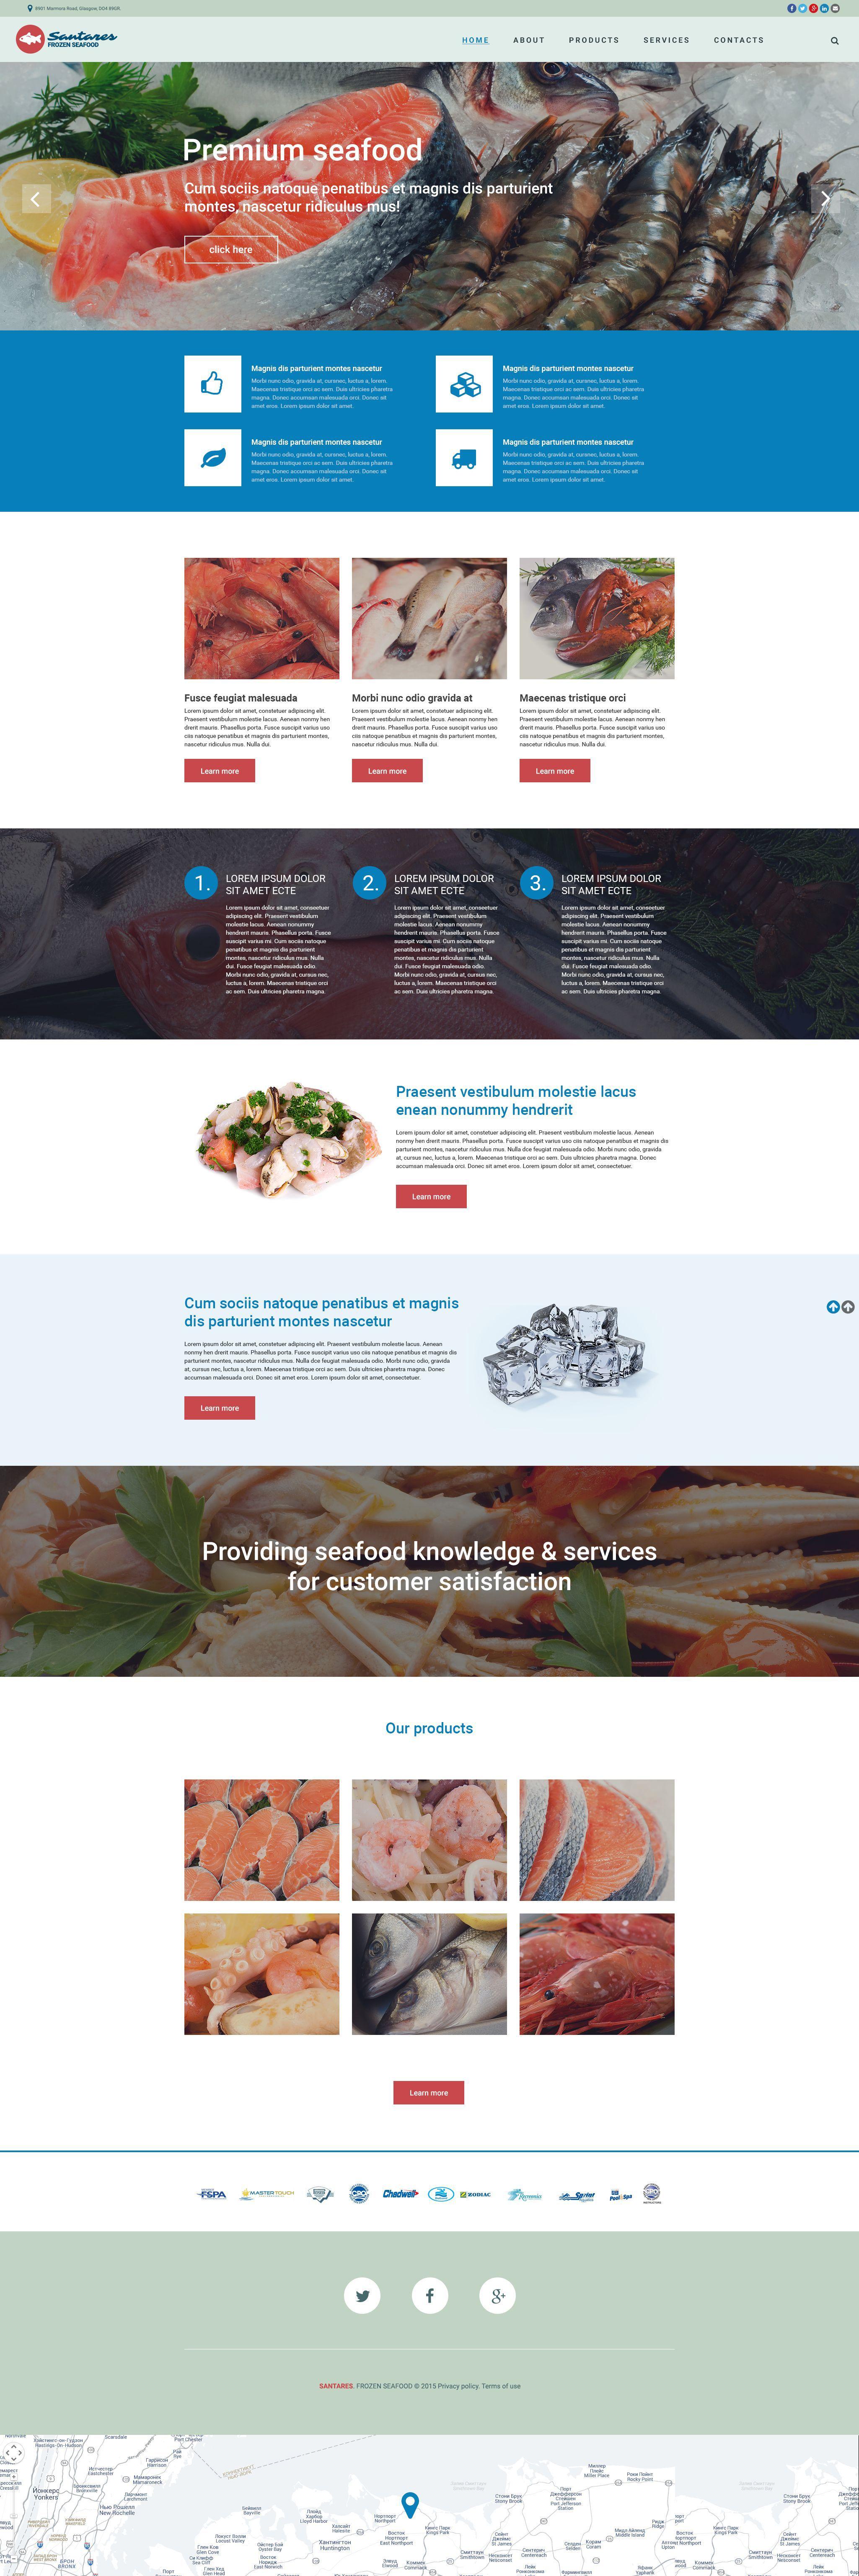 Frozen Food Responsive Website Template 55197 Website Template Responsive Website Template Website Template Design